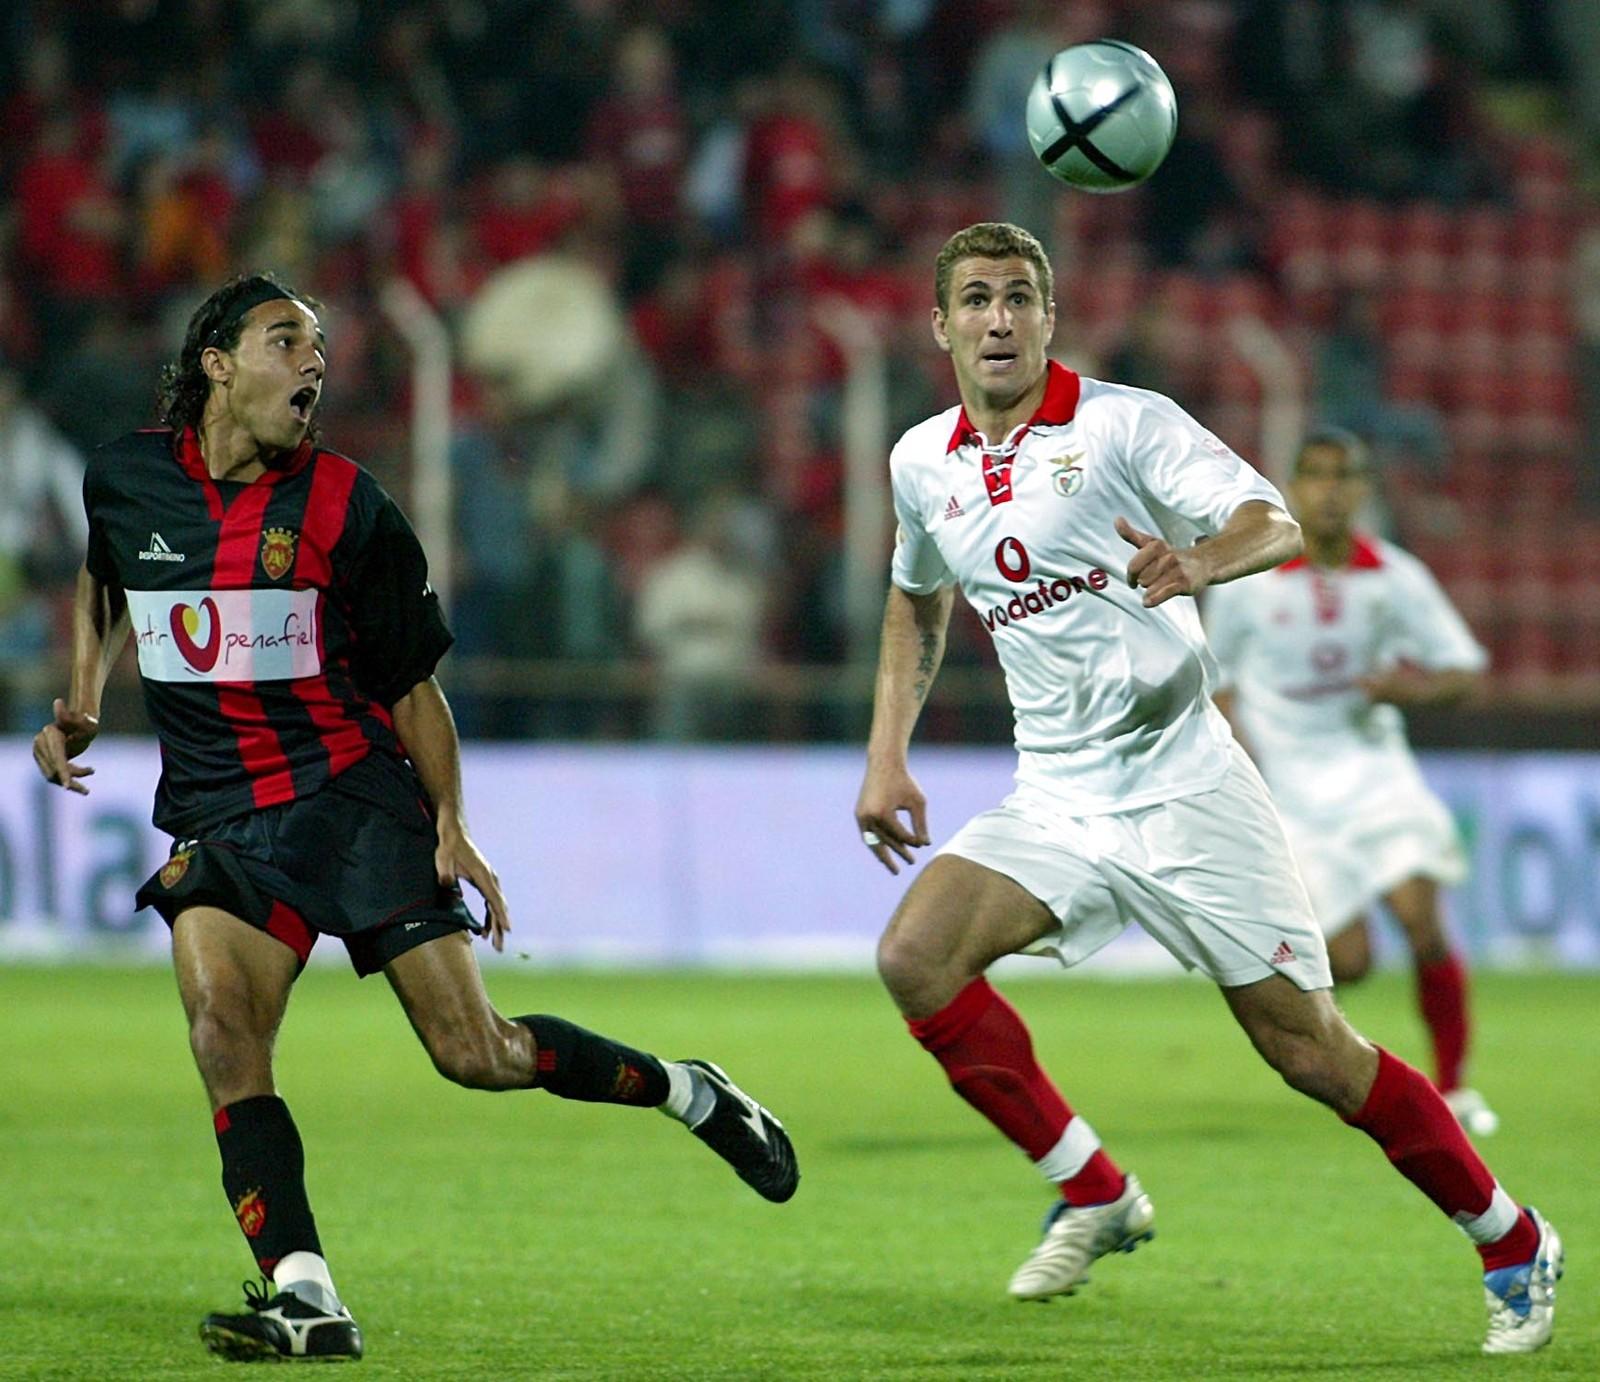 Proffeventyret i Benfica ble kronet med seriegull. Her i duell med en Penafiel-spiller i mai 2005.